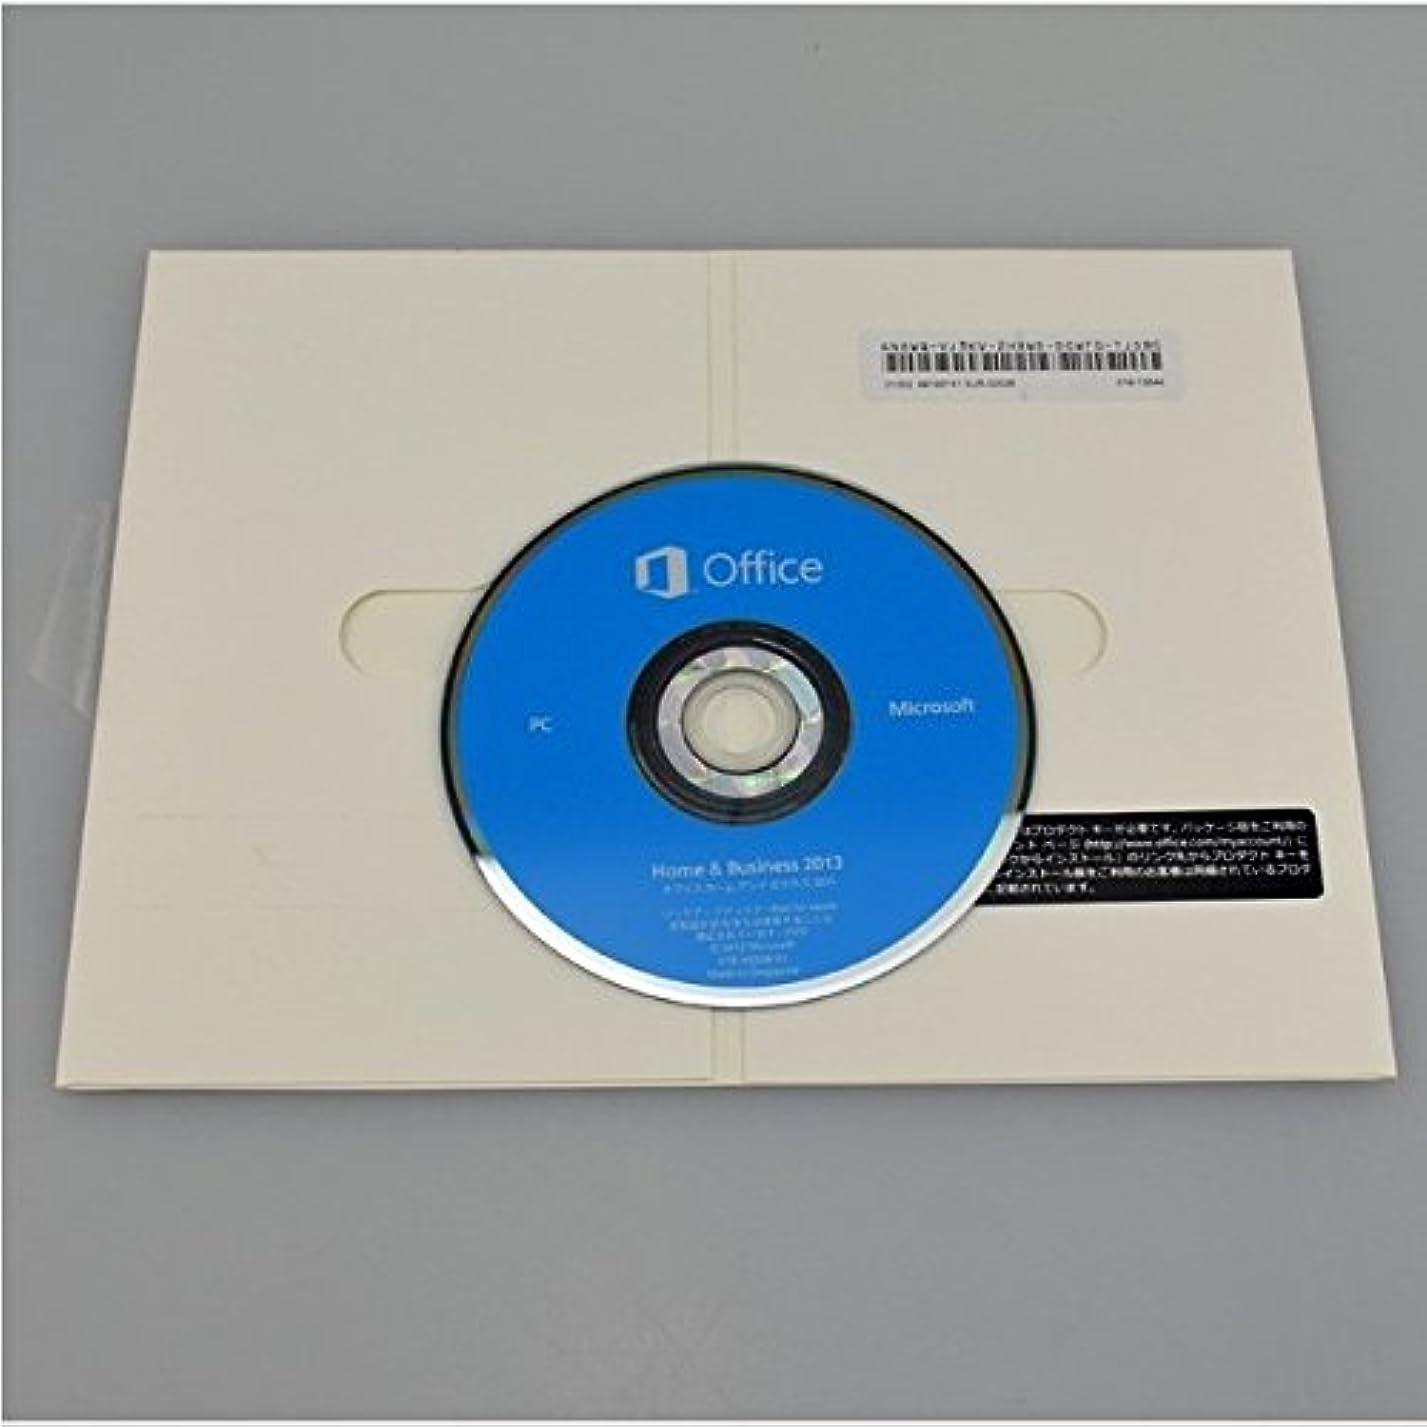 扇動毎週酸化物Office Home and Business 2013 日本語版 32bit 新品未開封 認証保証